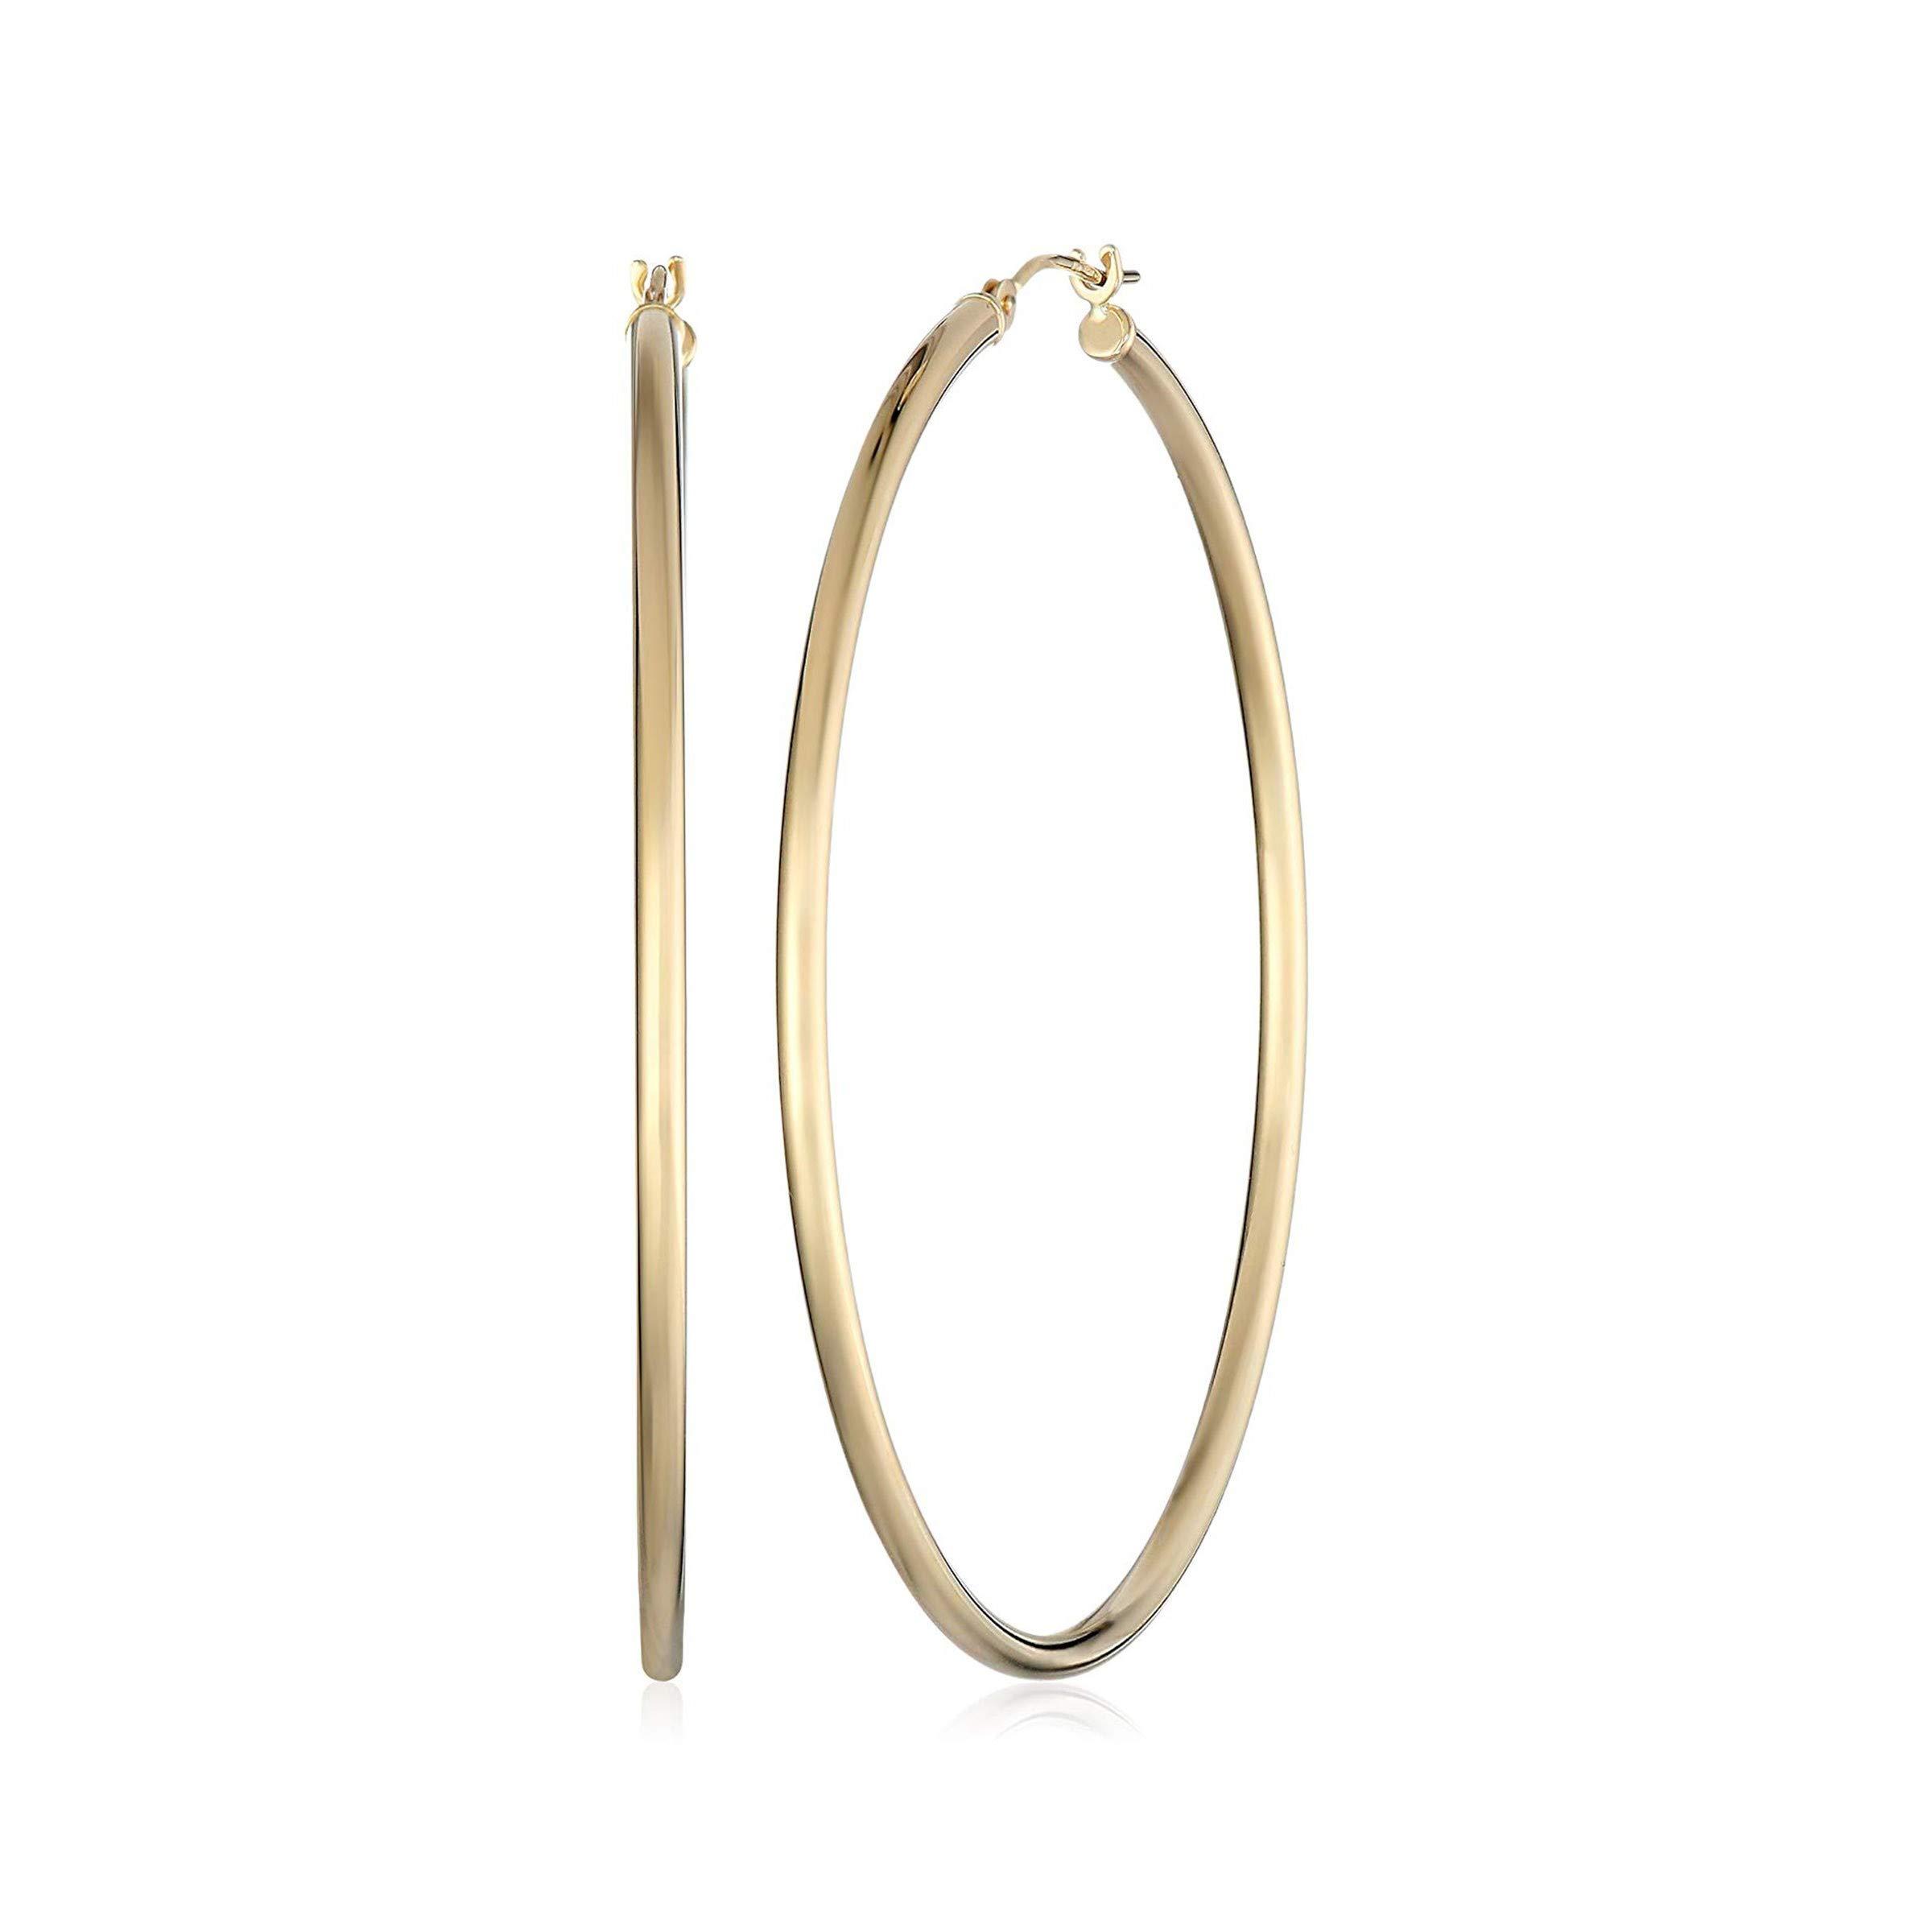 14k Yellow Gold Hoop Earrings (2'' Diameter) by Finecraft